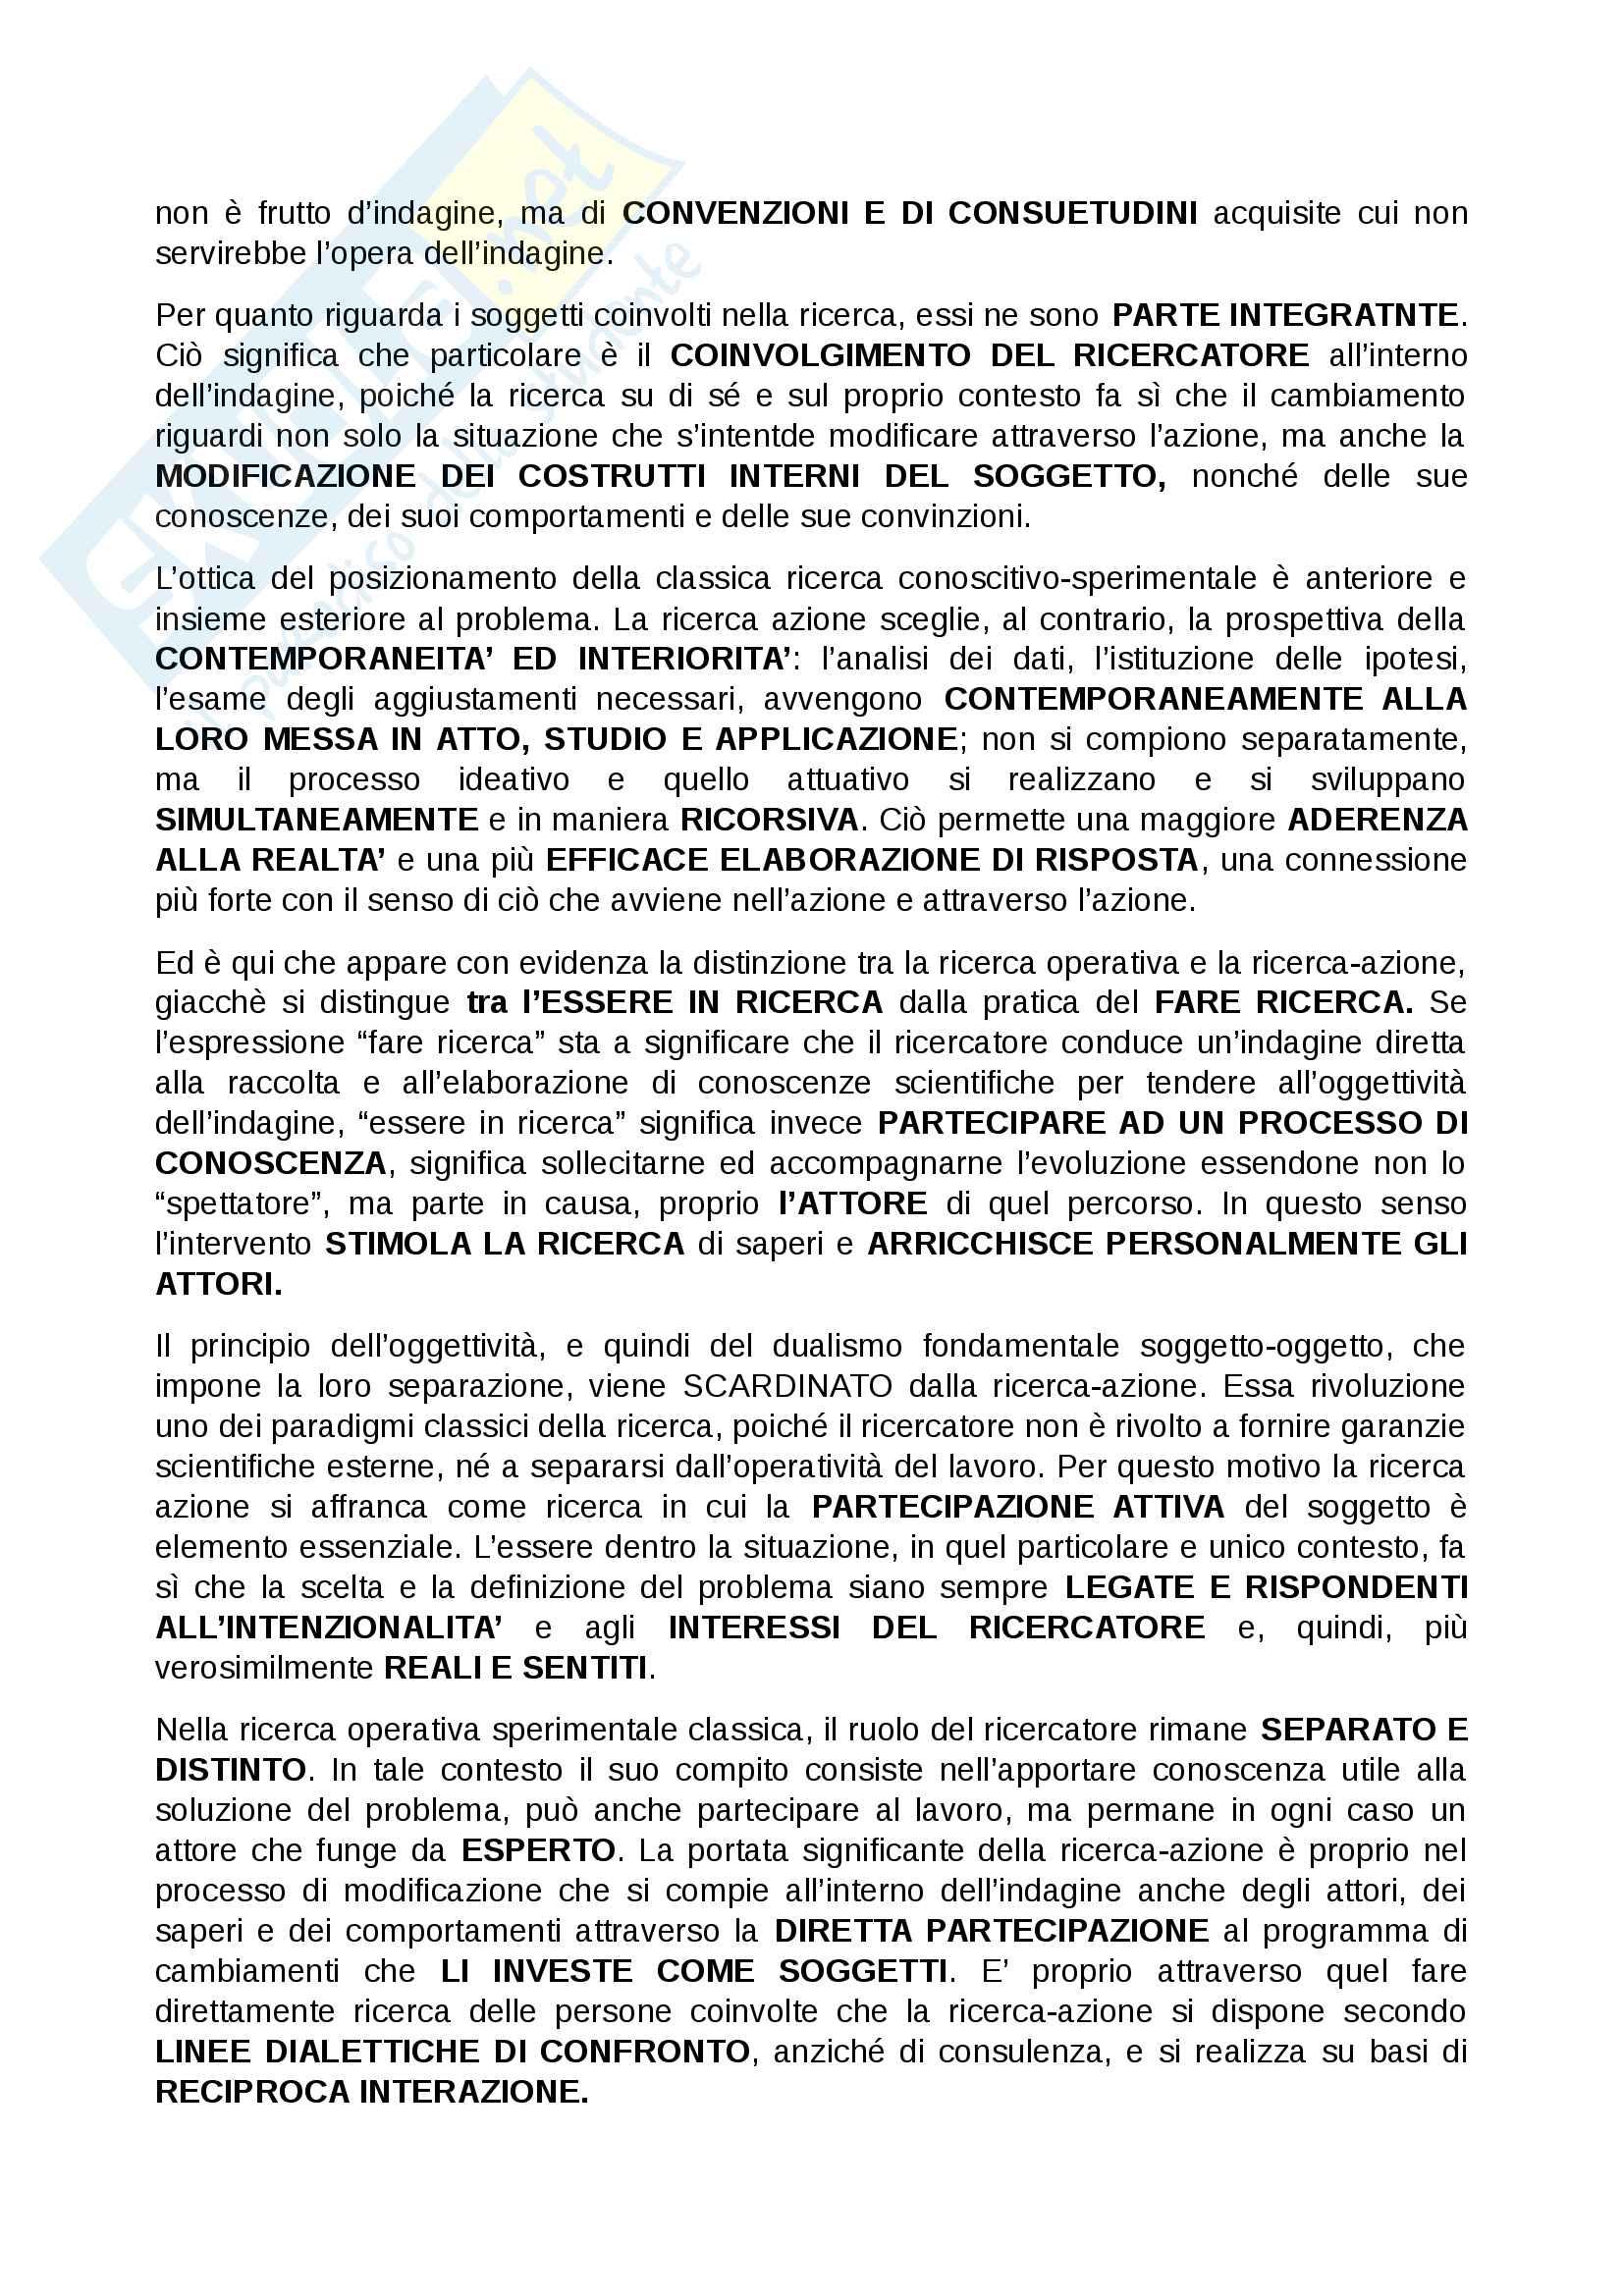 """Riassunto esame Logica Matematica, prof. Giovanna Marani,libro consigliato  """"La ricerca-azione, una prospettiva deweyana"""" di Giovanna Marani Pag. 26"""